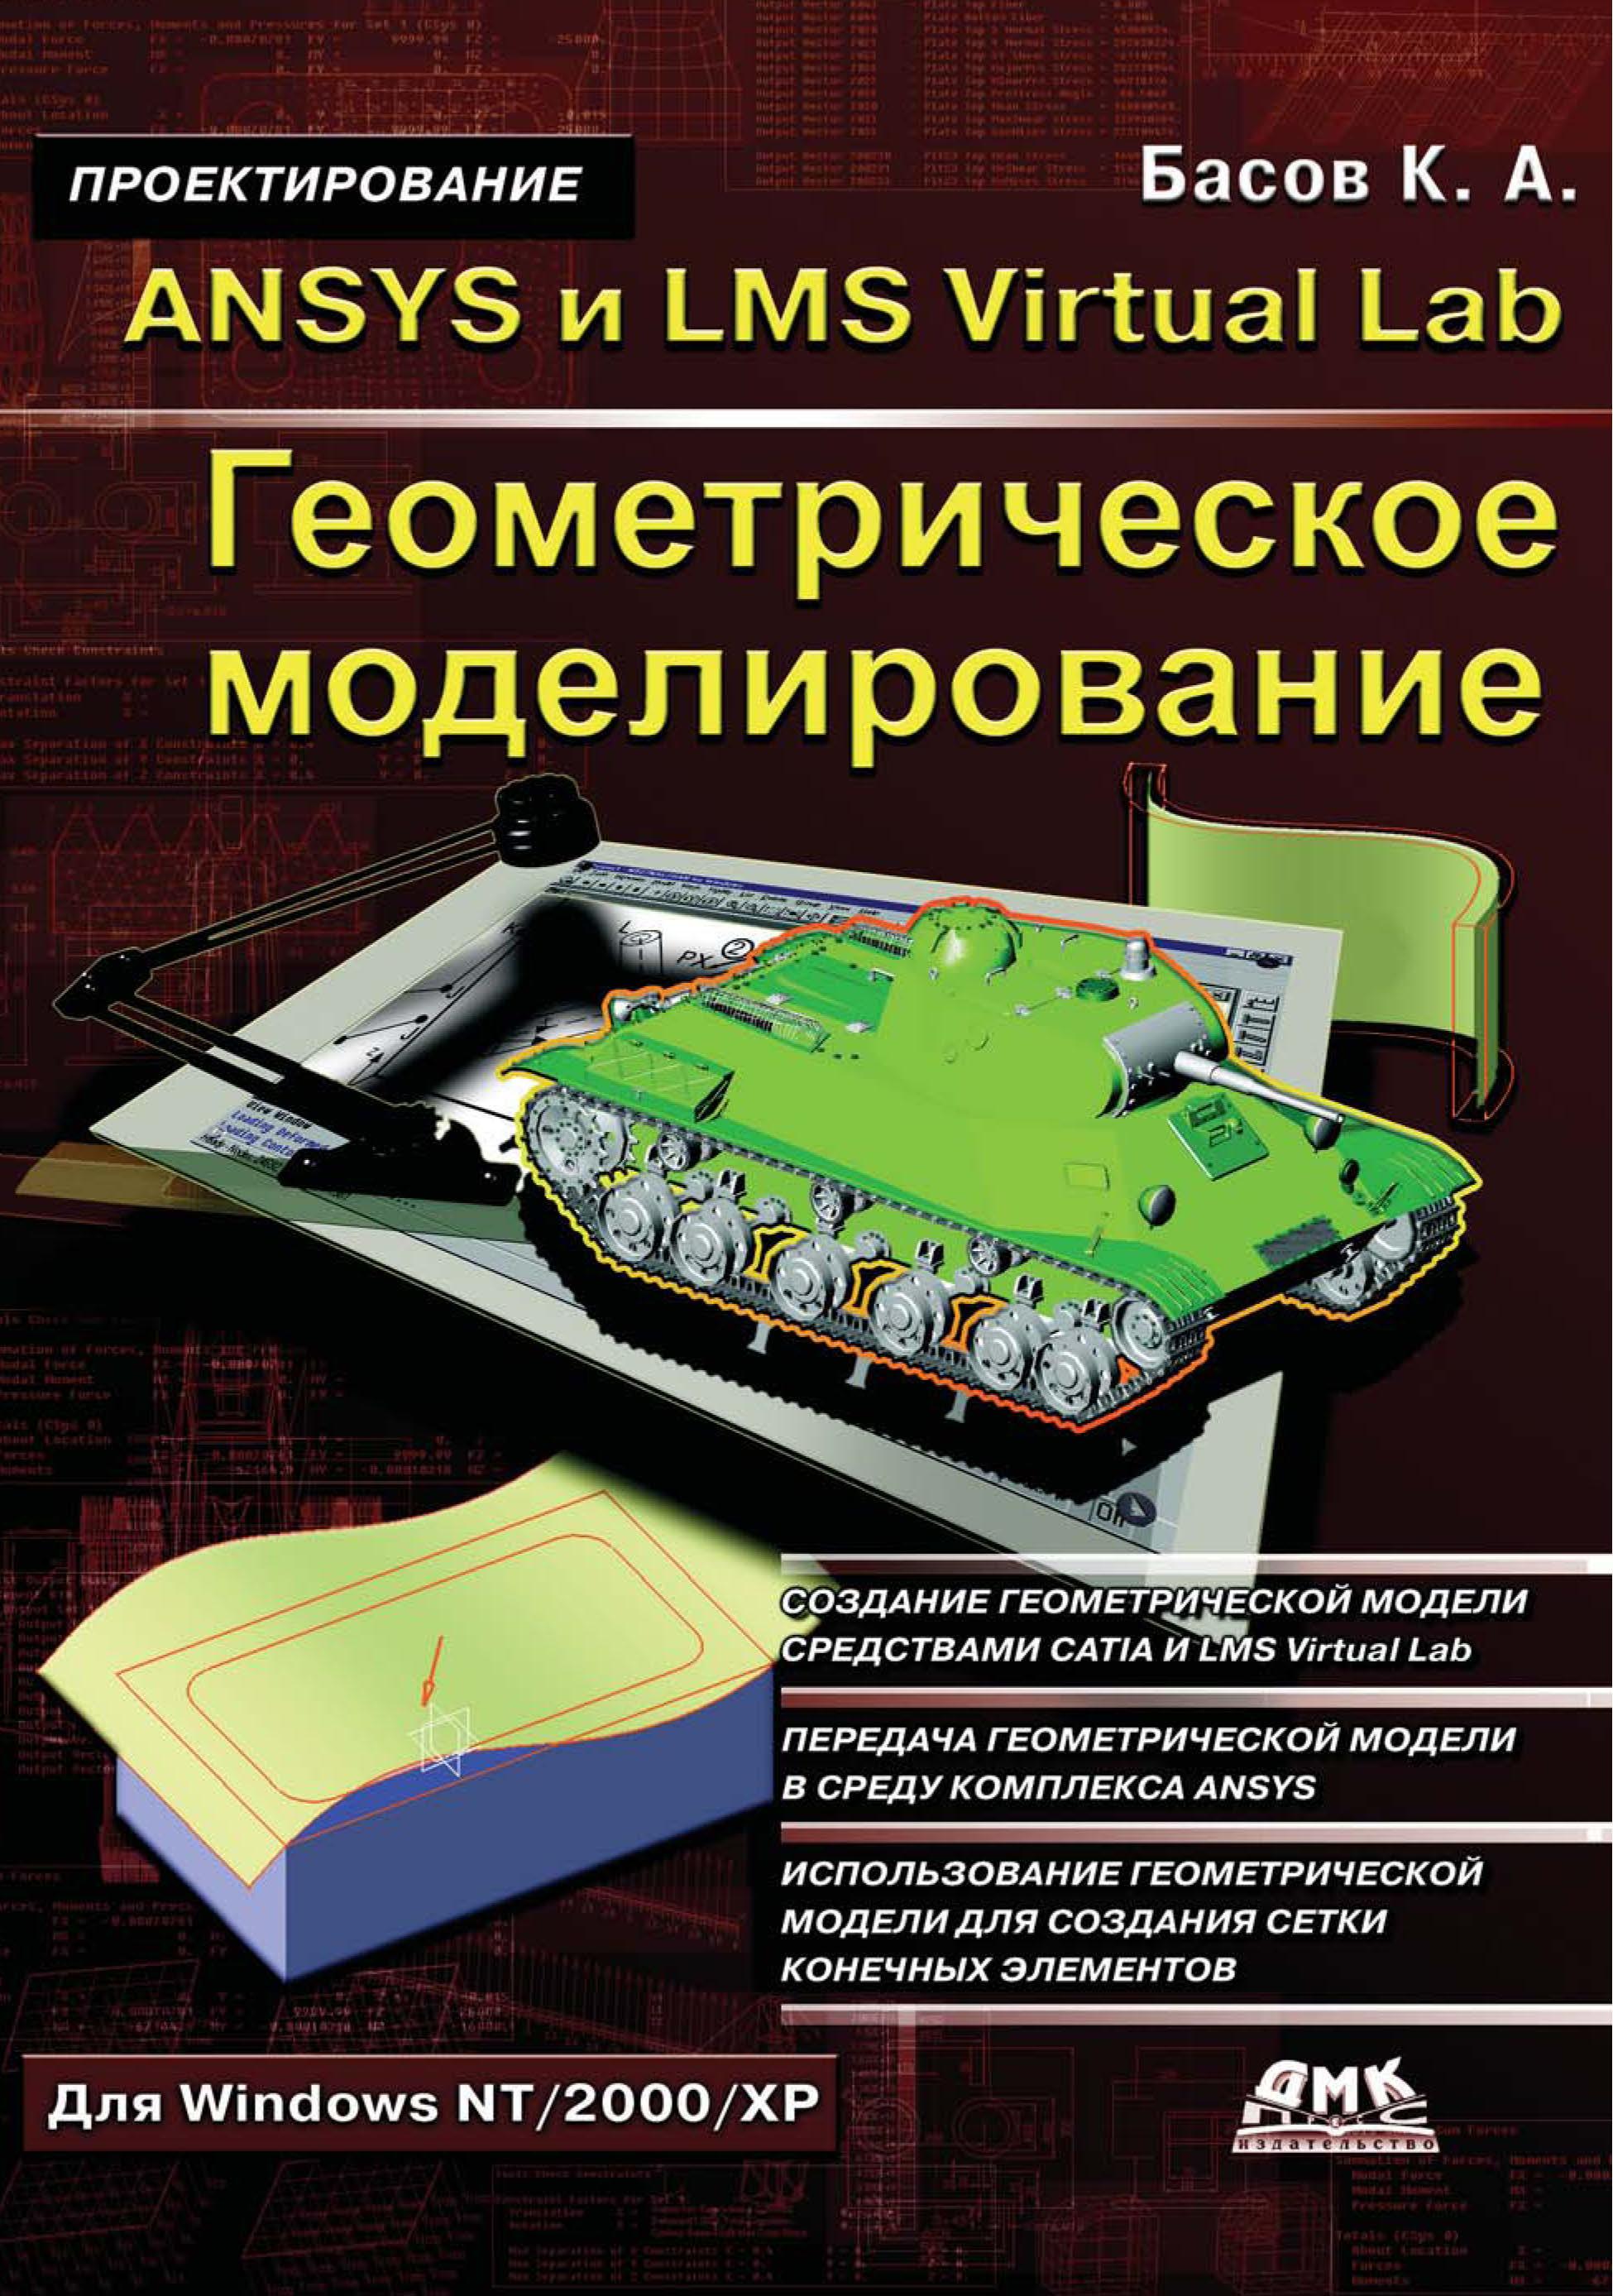 К. А. Басов ANSYS и LMS Virtual Lab. Геометрическое моделирование diy virtual reality 3d glasses